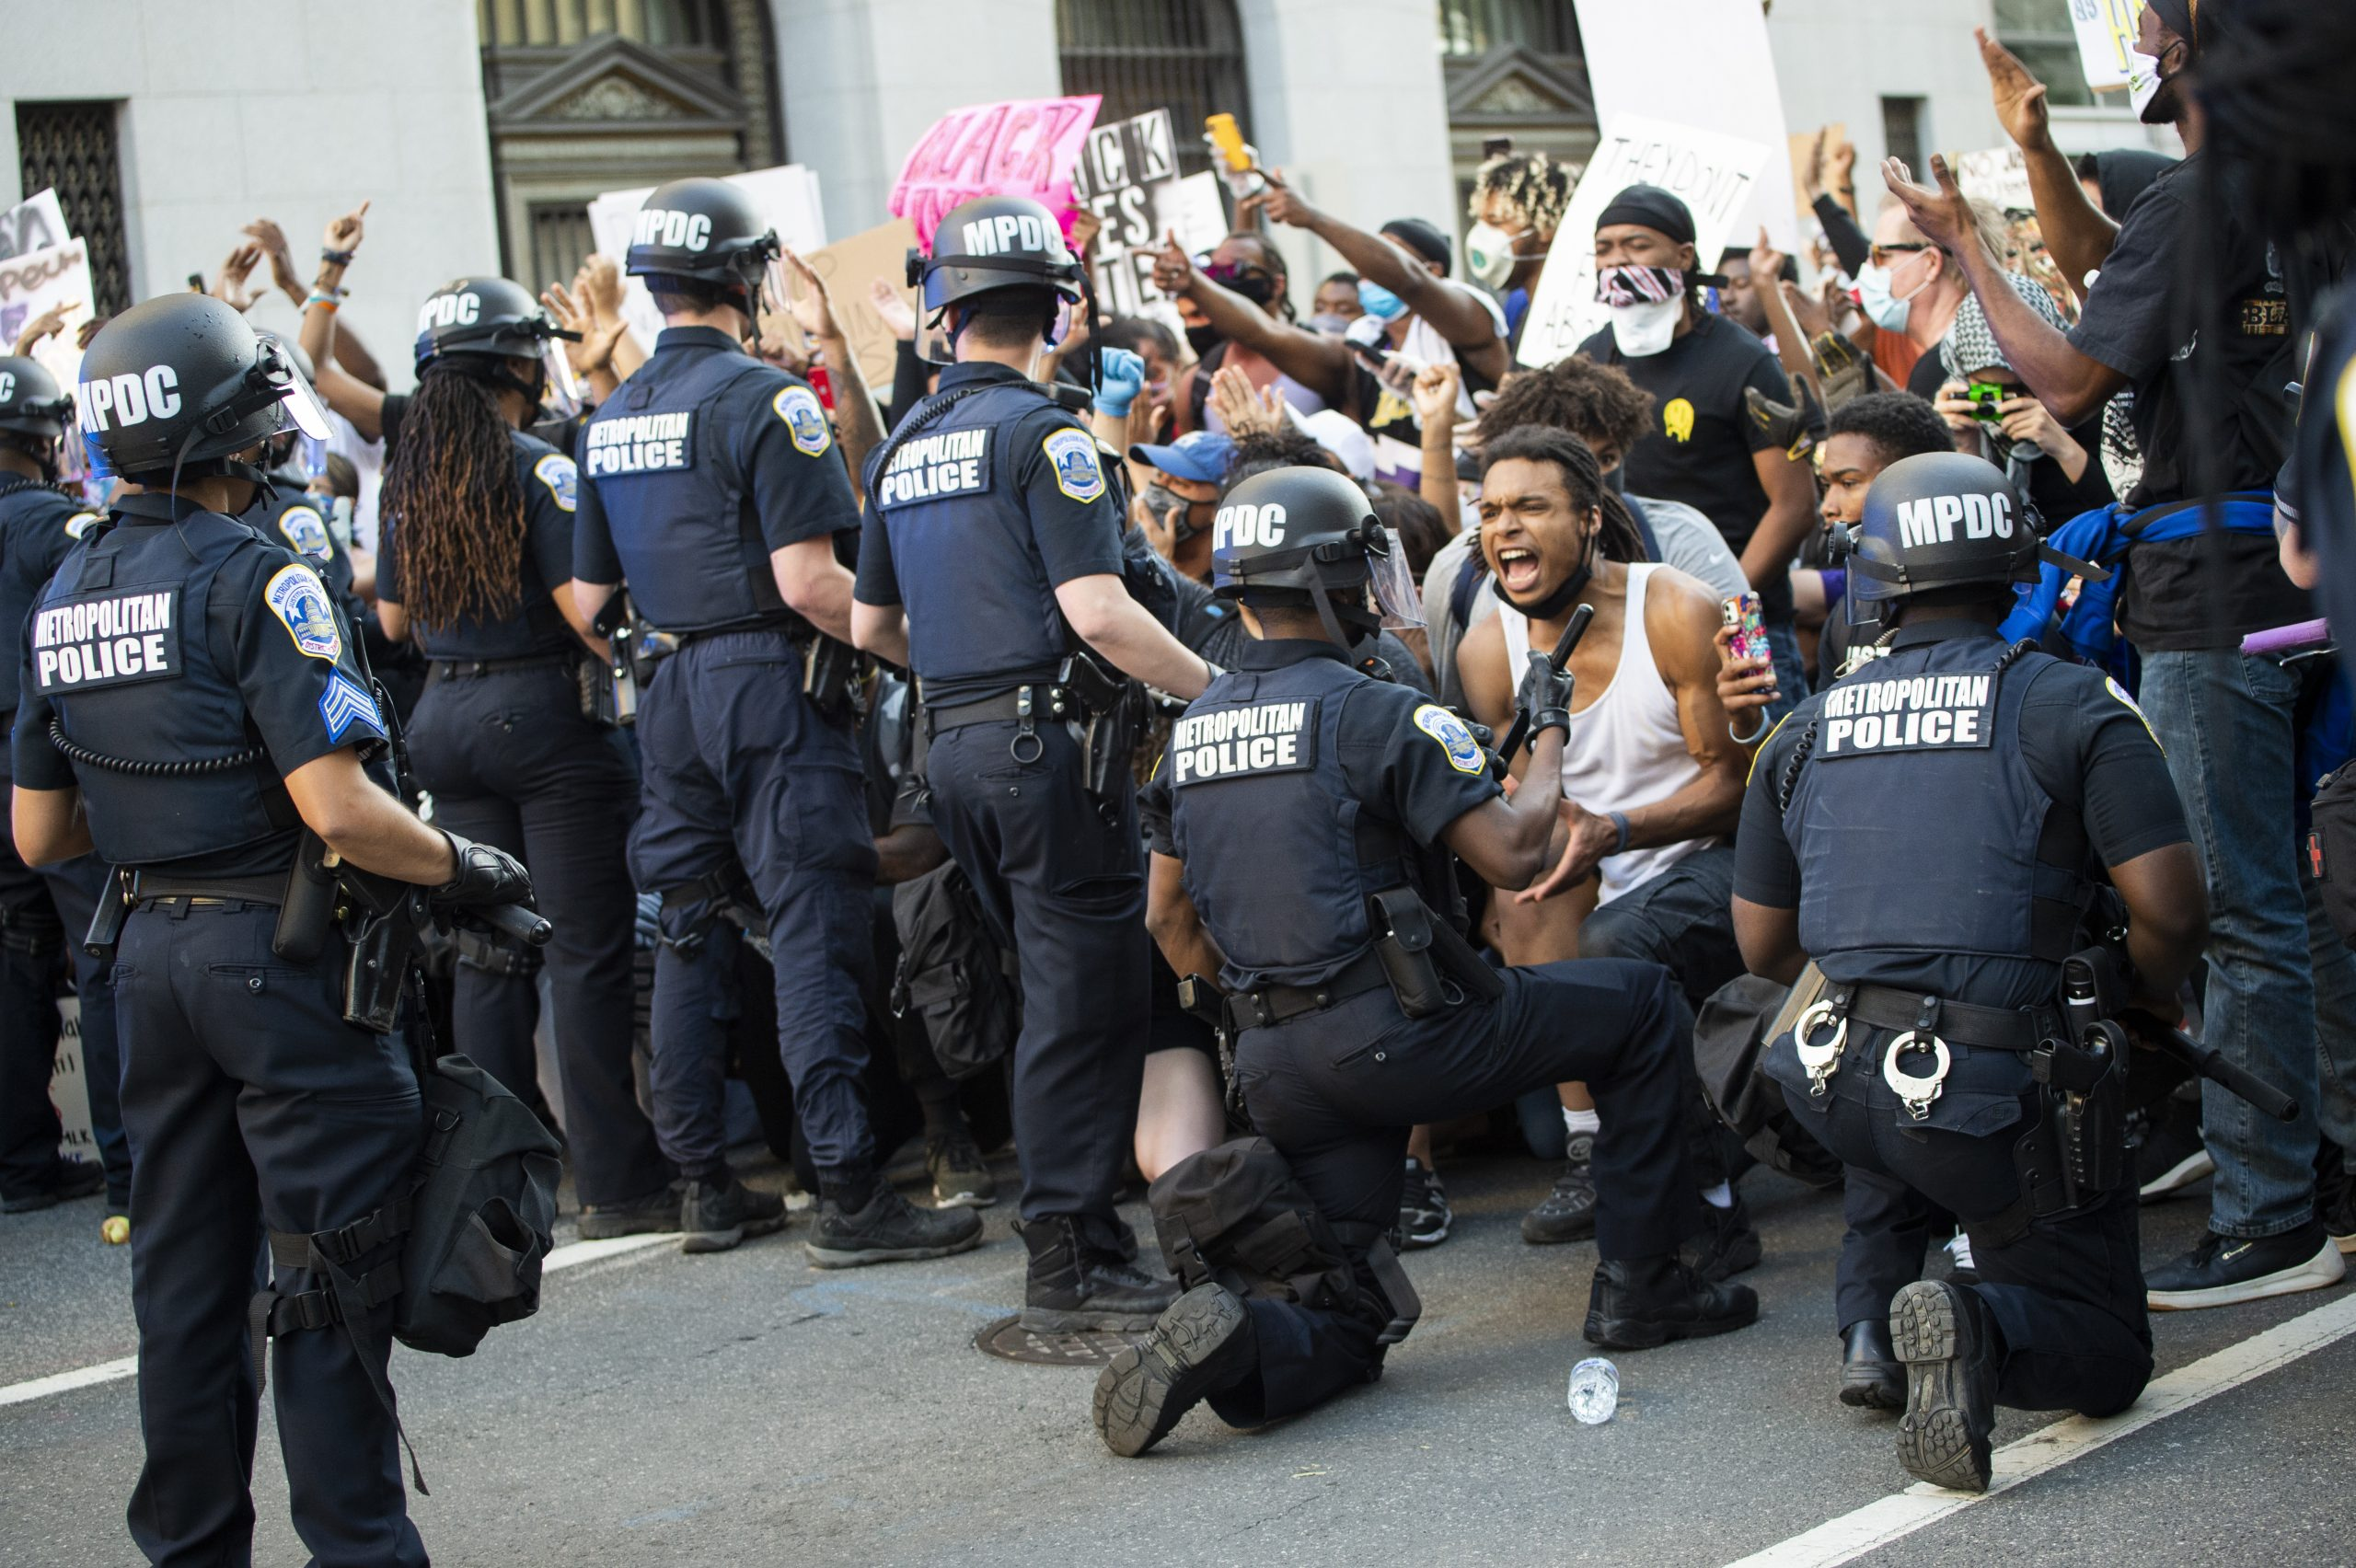 Em Nova Iorque, em Miami, em Portland (Oregon), em Lexington (Kentucky), e mesmo em Washington, policiais com equipamento de choque e guardas nacionais se ajoelham no chão entre os manifestantes. Ajoelhar-se é, desde 2016, um gesto adotado em protesto contra as mortes de negros pela polícia. Em outras cidades, em Flint (Michigan), em Nova Jersey, a polícia uniformizada se junta às manifestações e até levam os cartazes. Acima, policiais se ajoelham no chão perto da Casa Branca